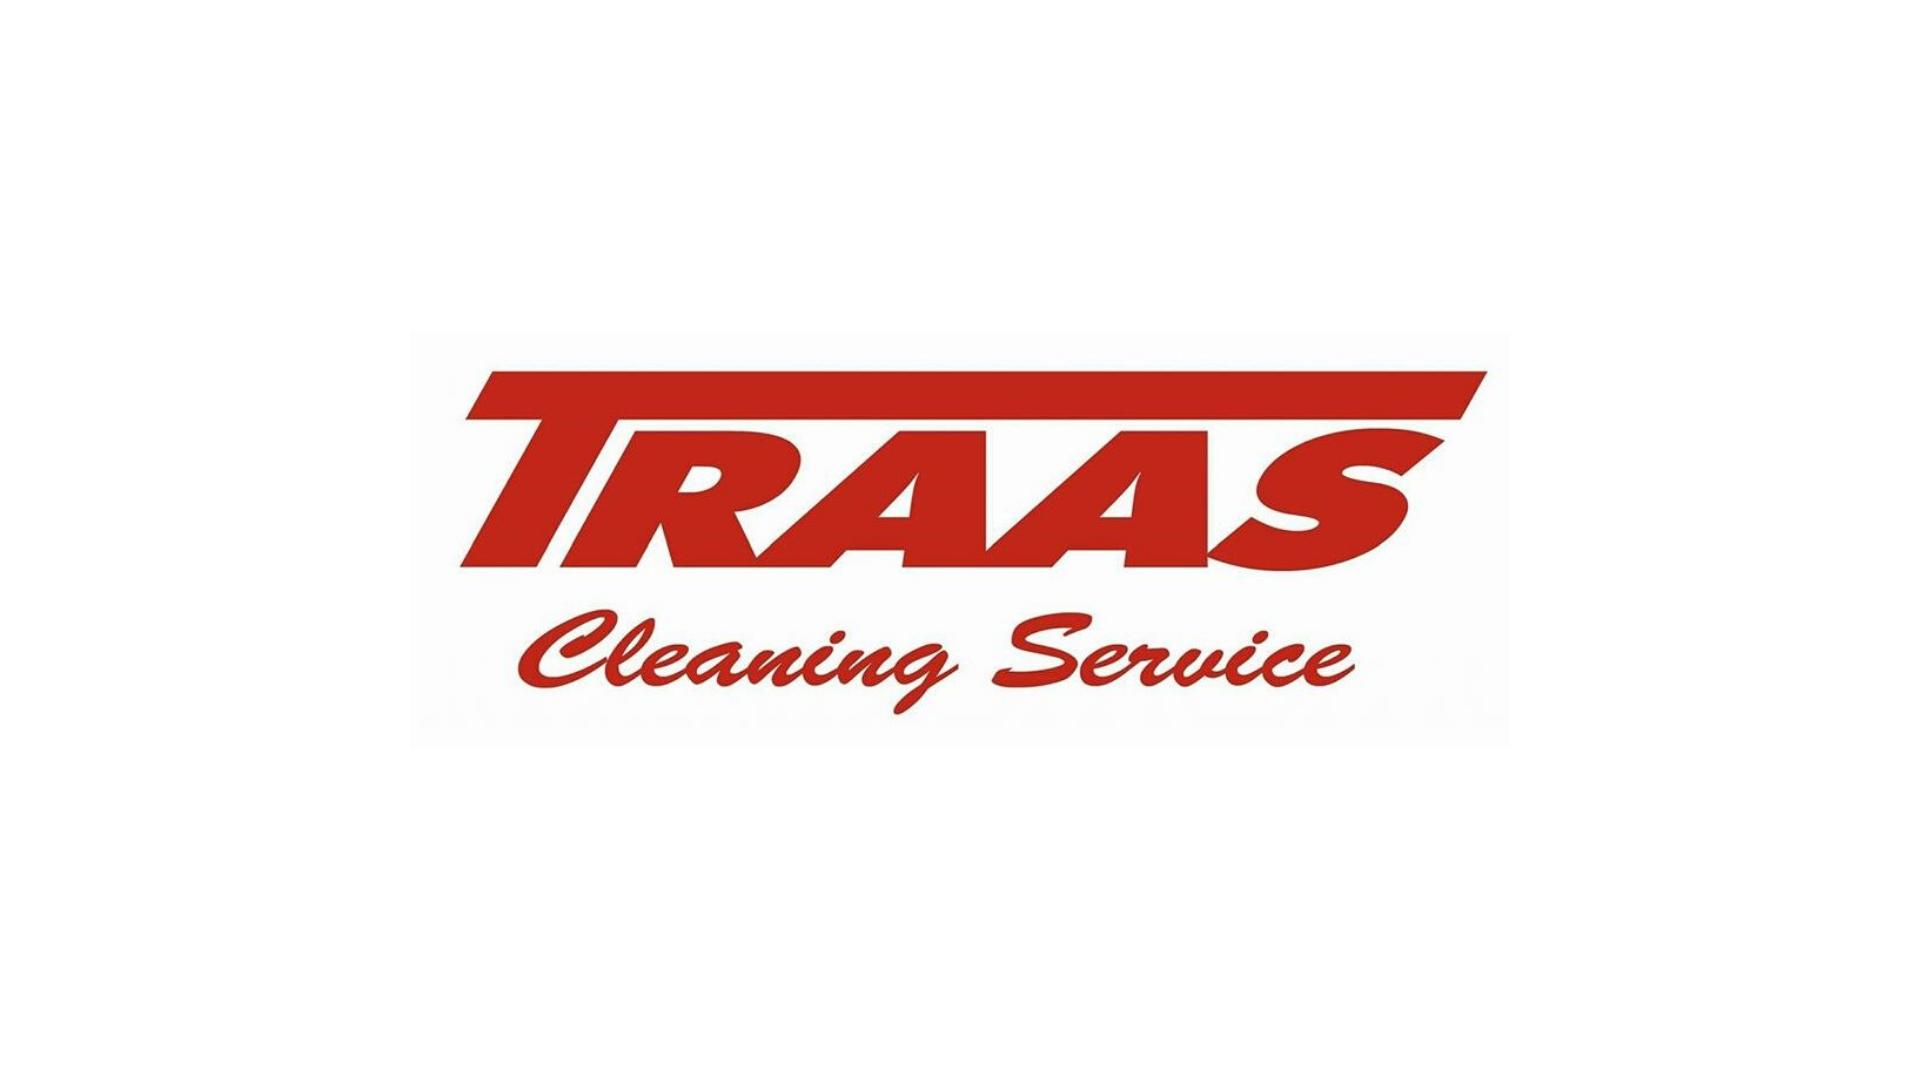 Een nieuwe website voor Traas Cleaning